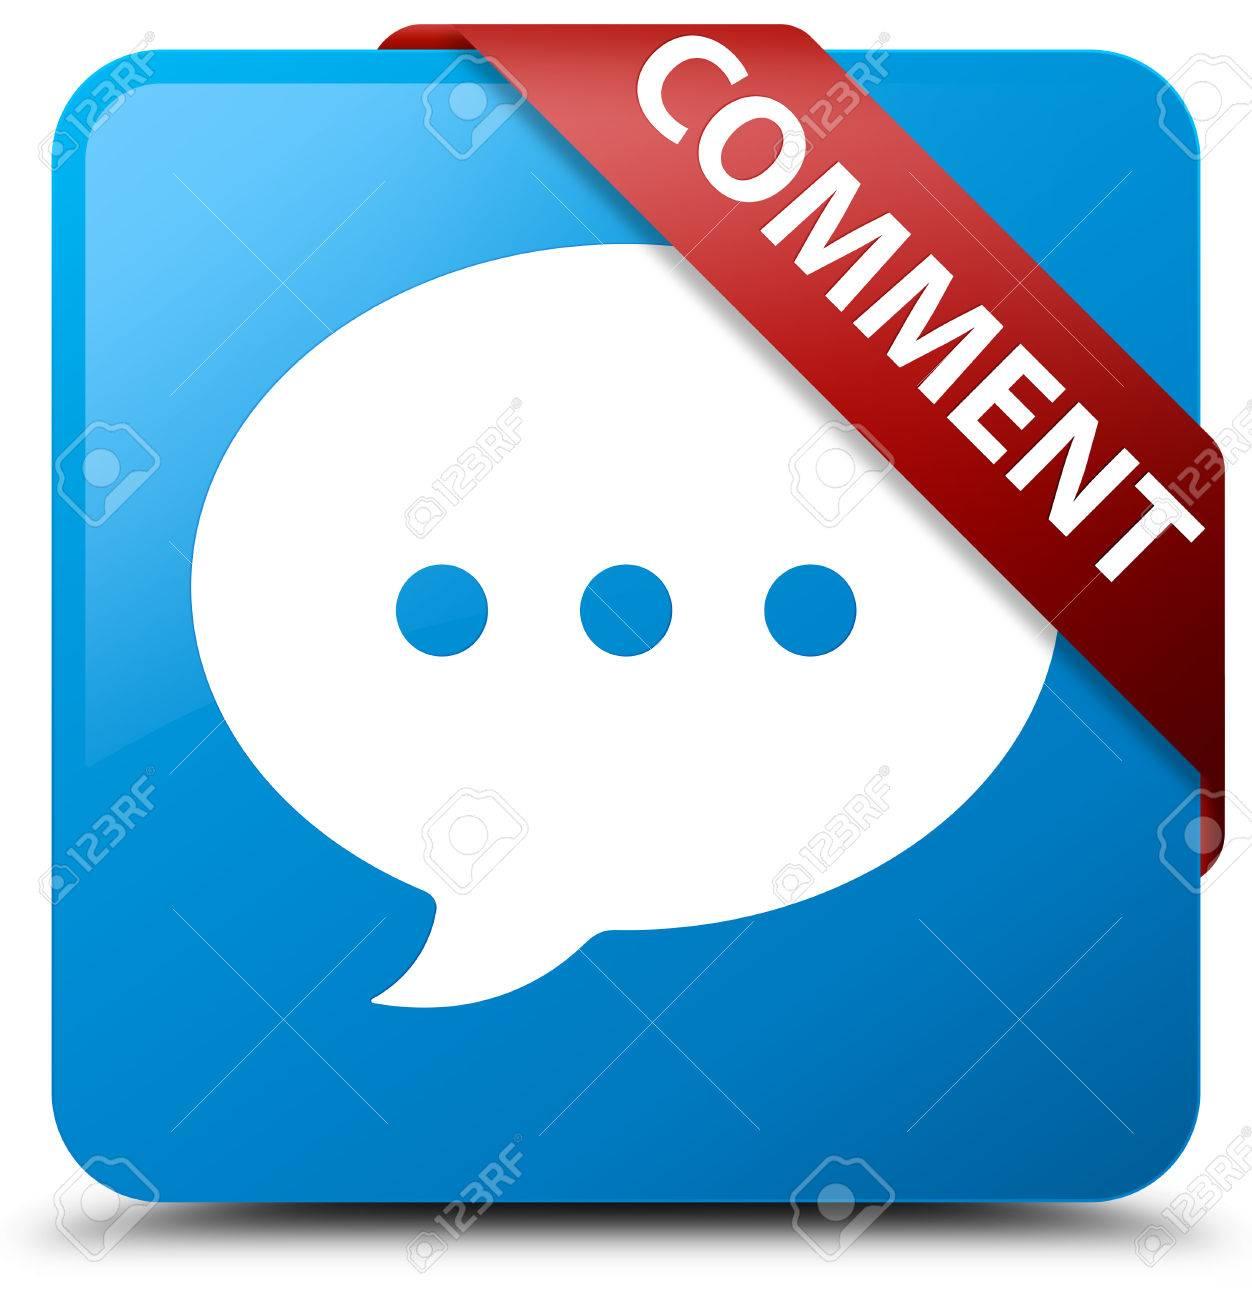 Kommentar (Gespräch-Symbol) Cyan Blauen Schalter Lizenzfreie Fotos ...